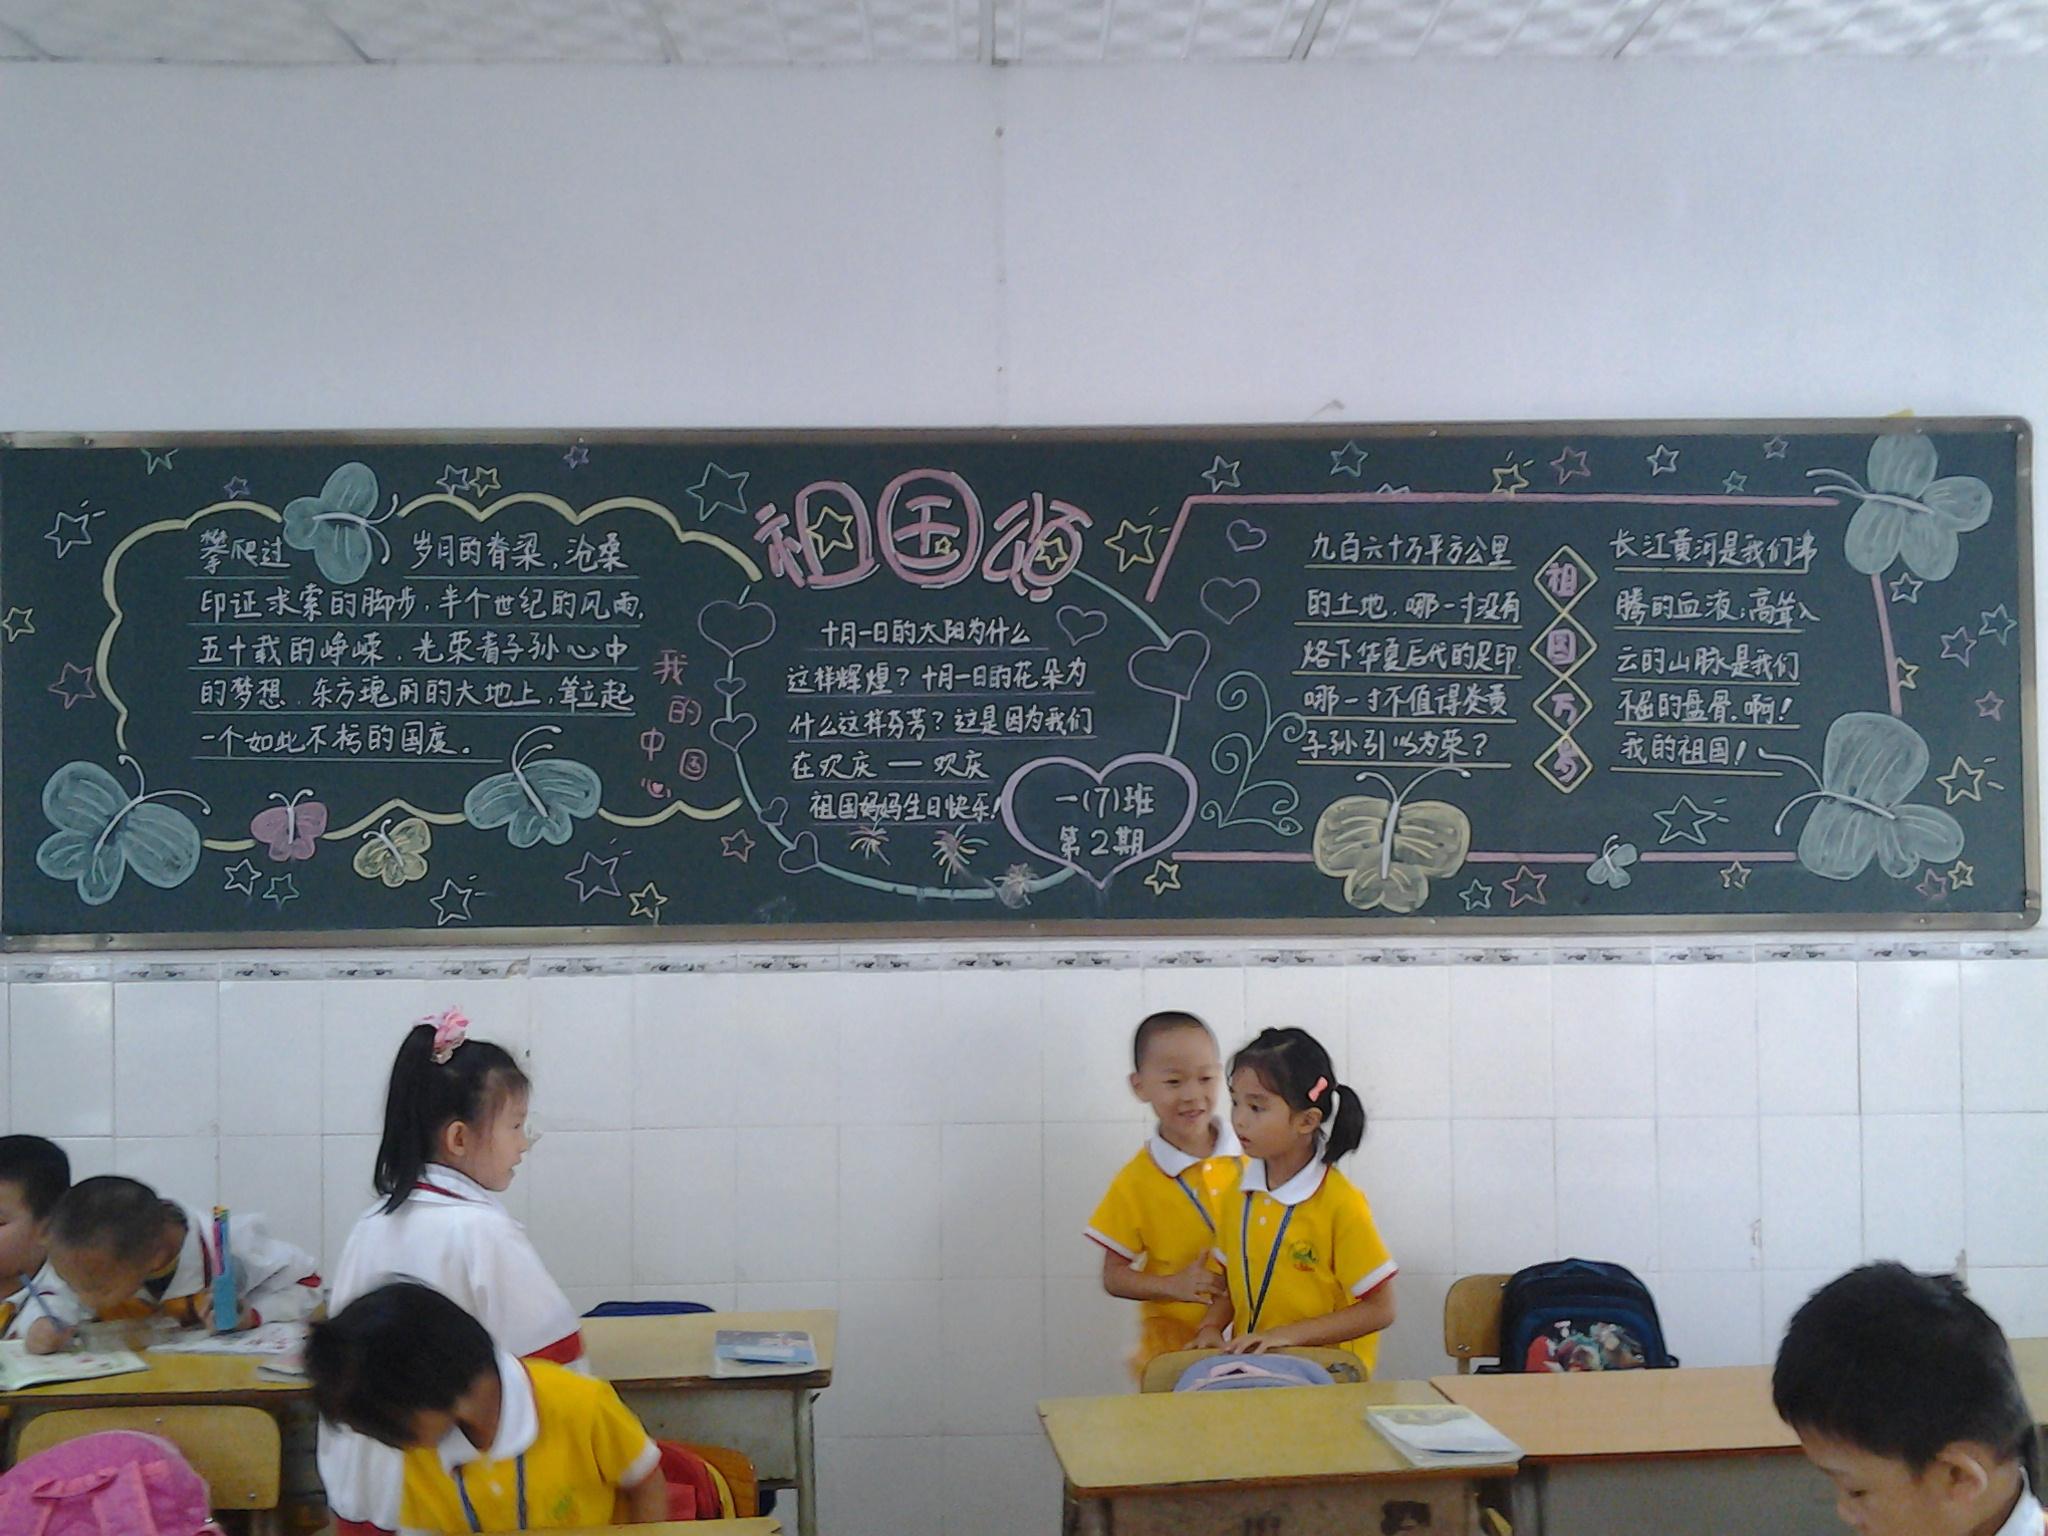 慶國慶黑板報 - 教案設計上傳